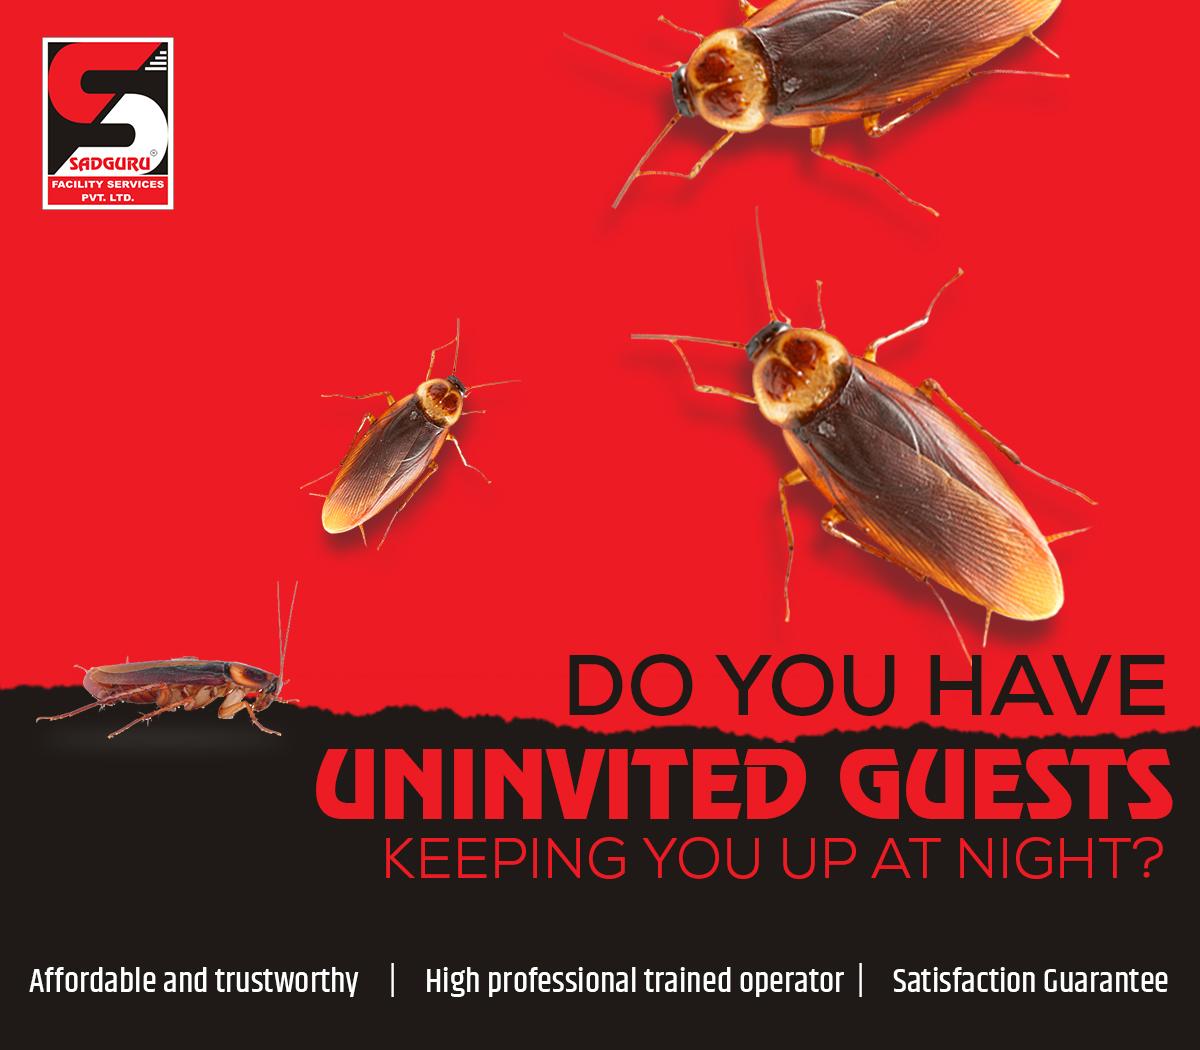 Cockroach Control Services in  Borivali – Sadguru Pest Control